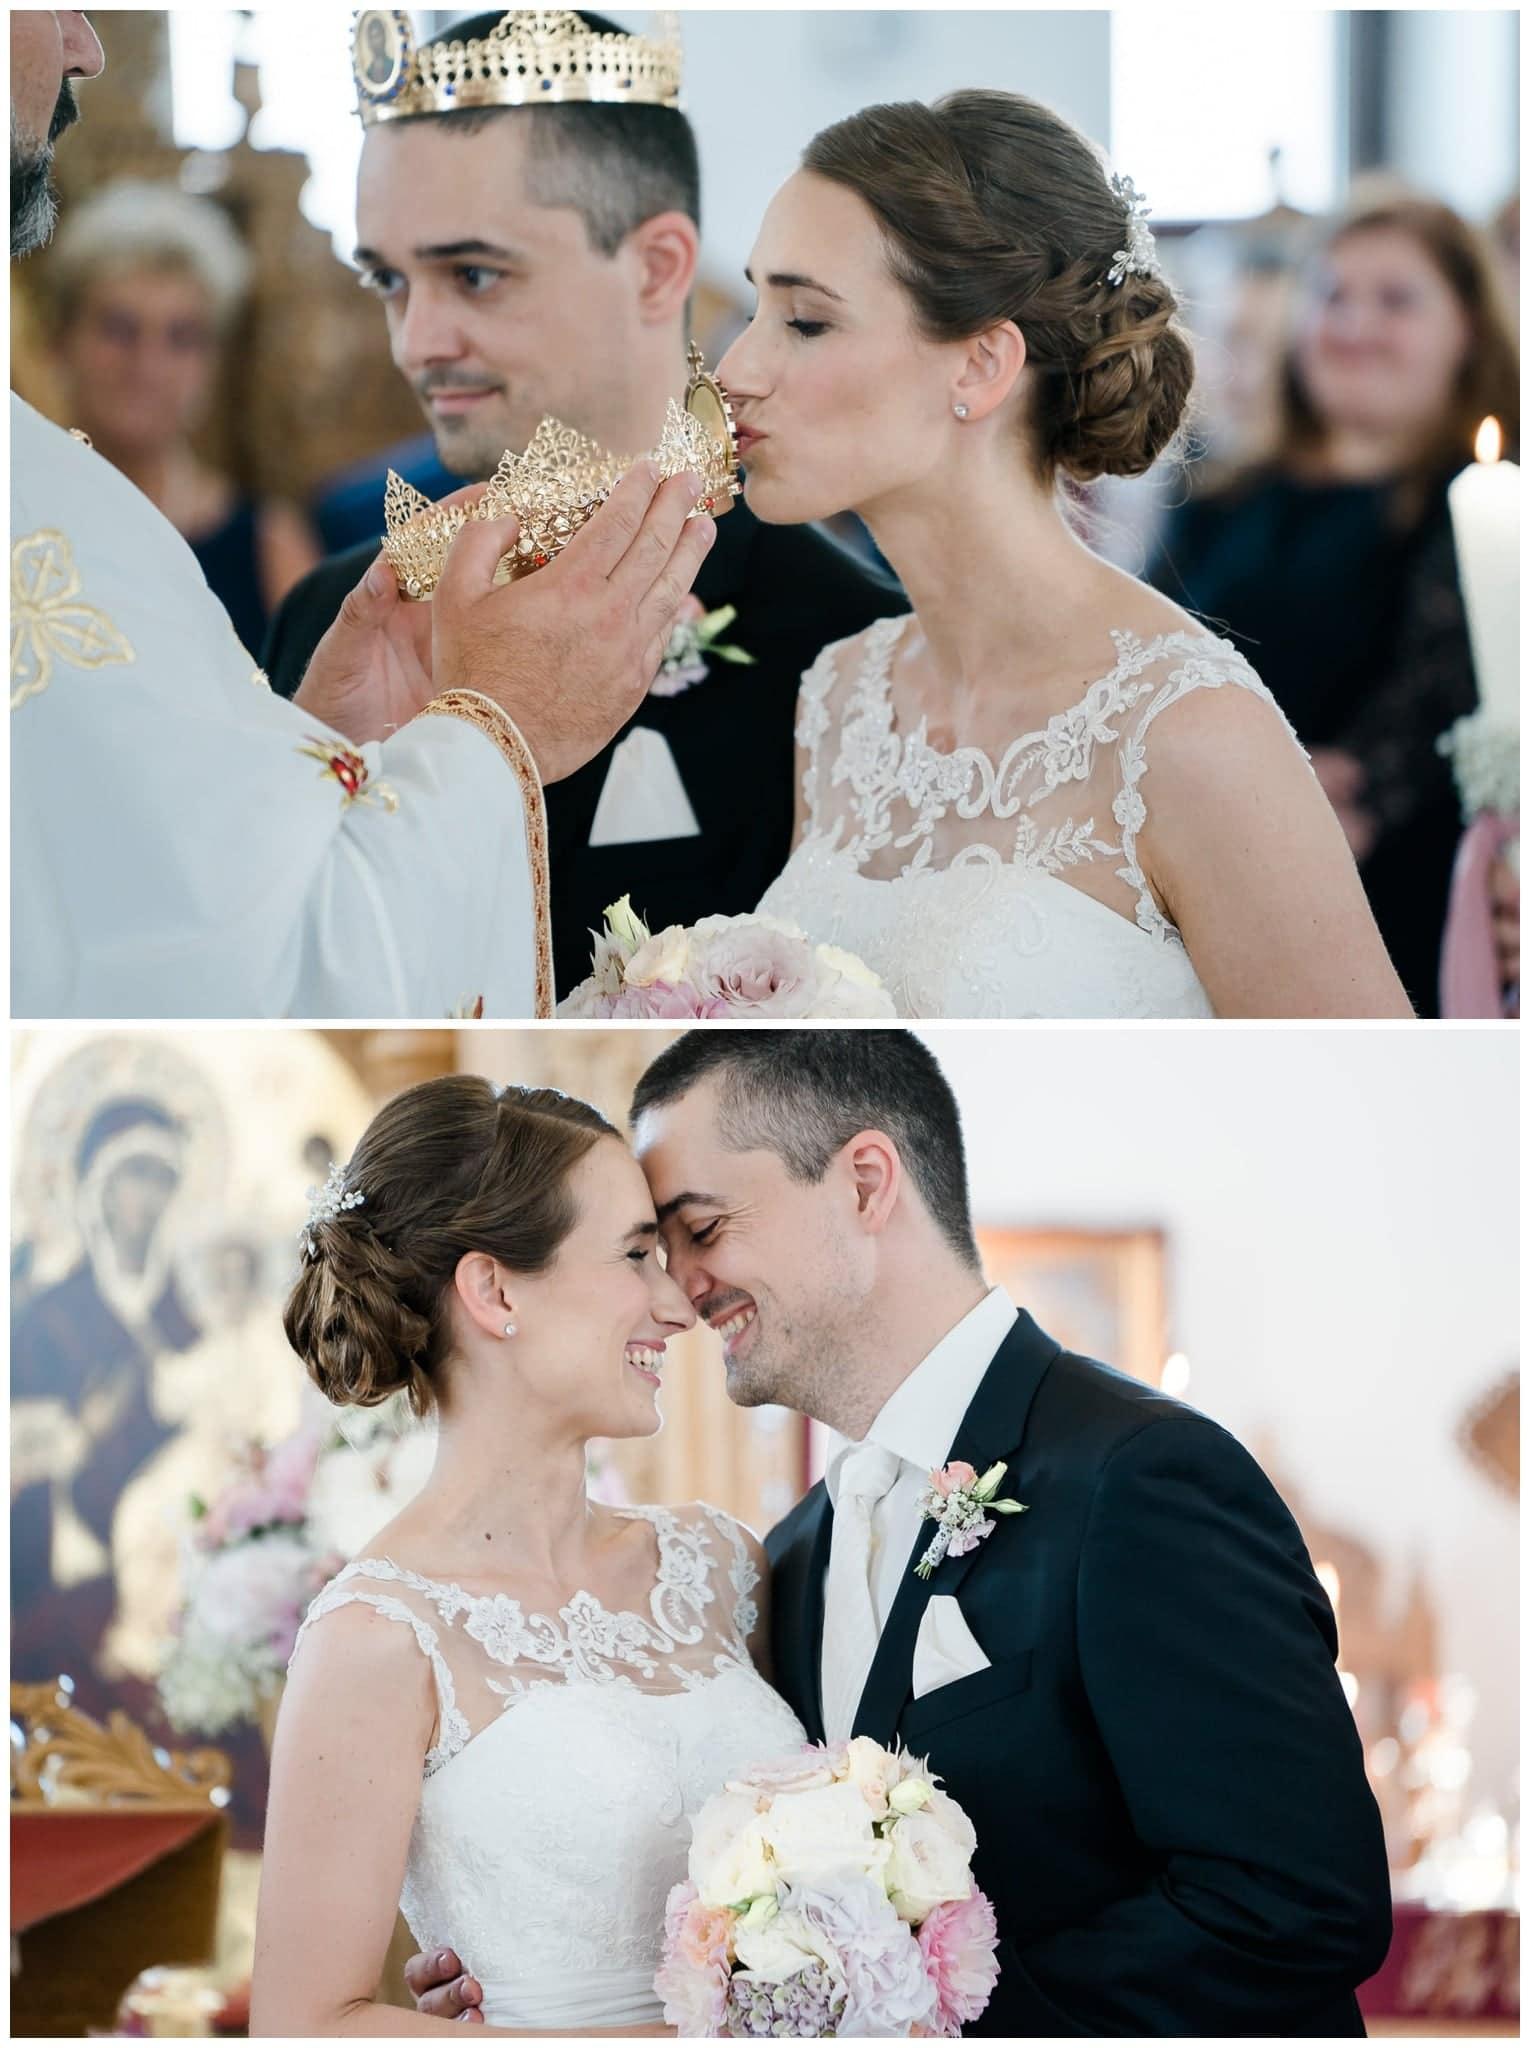 Laura und Cristian @mamawedding16